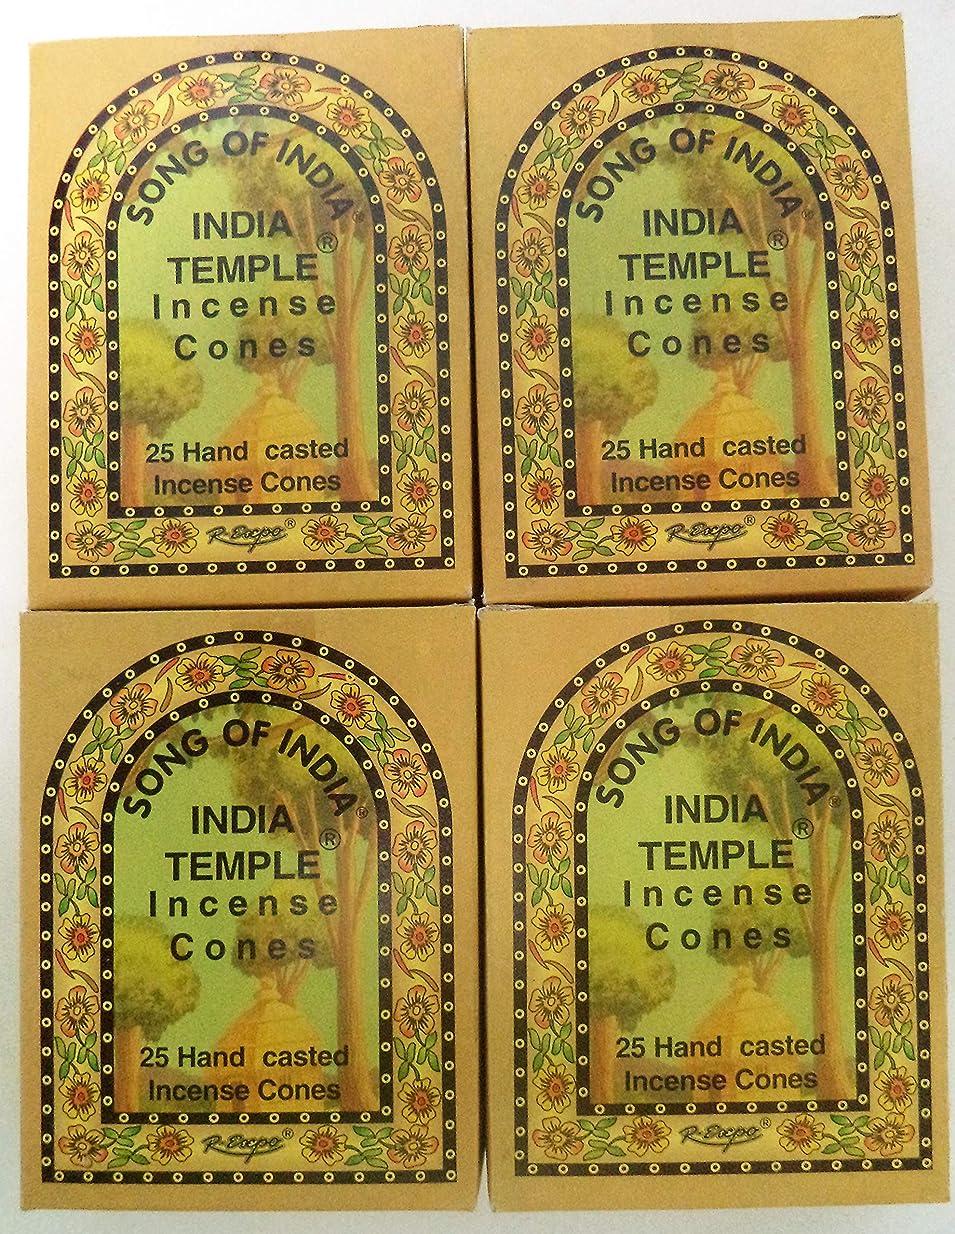 インカ帝国空保証するSong of India Templeコーンお香、4?x 25円錐パック、100?Cones合計